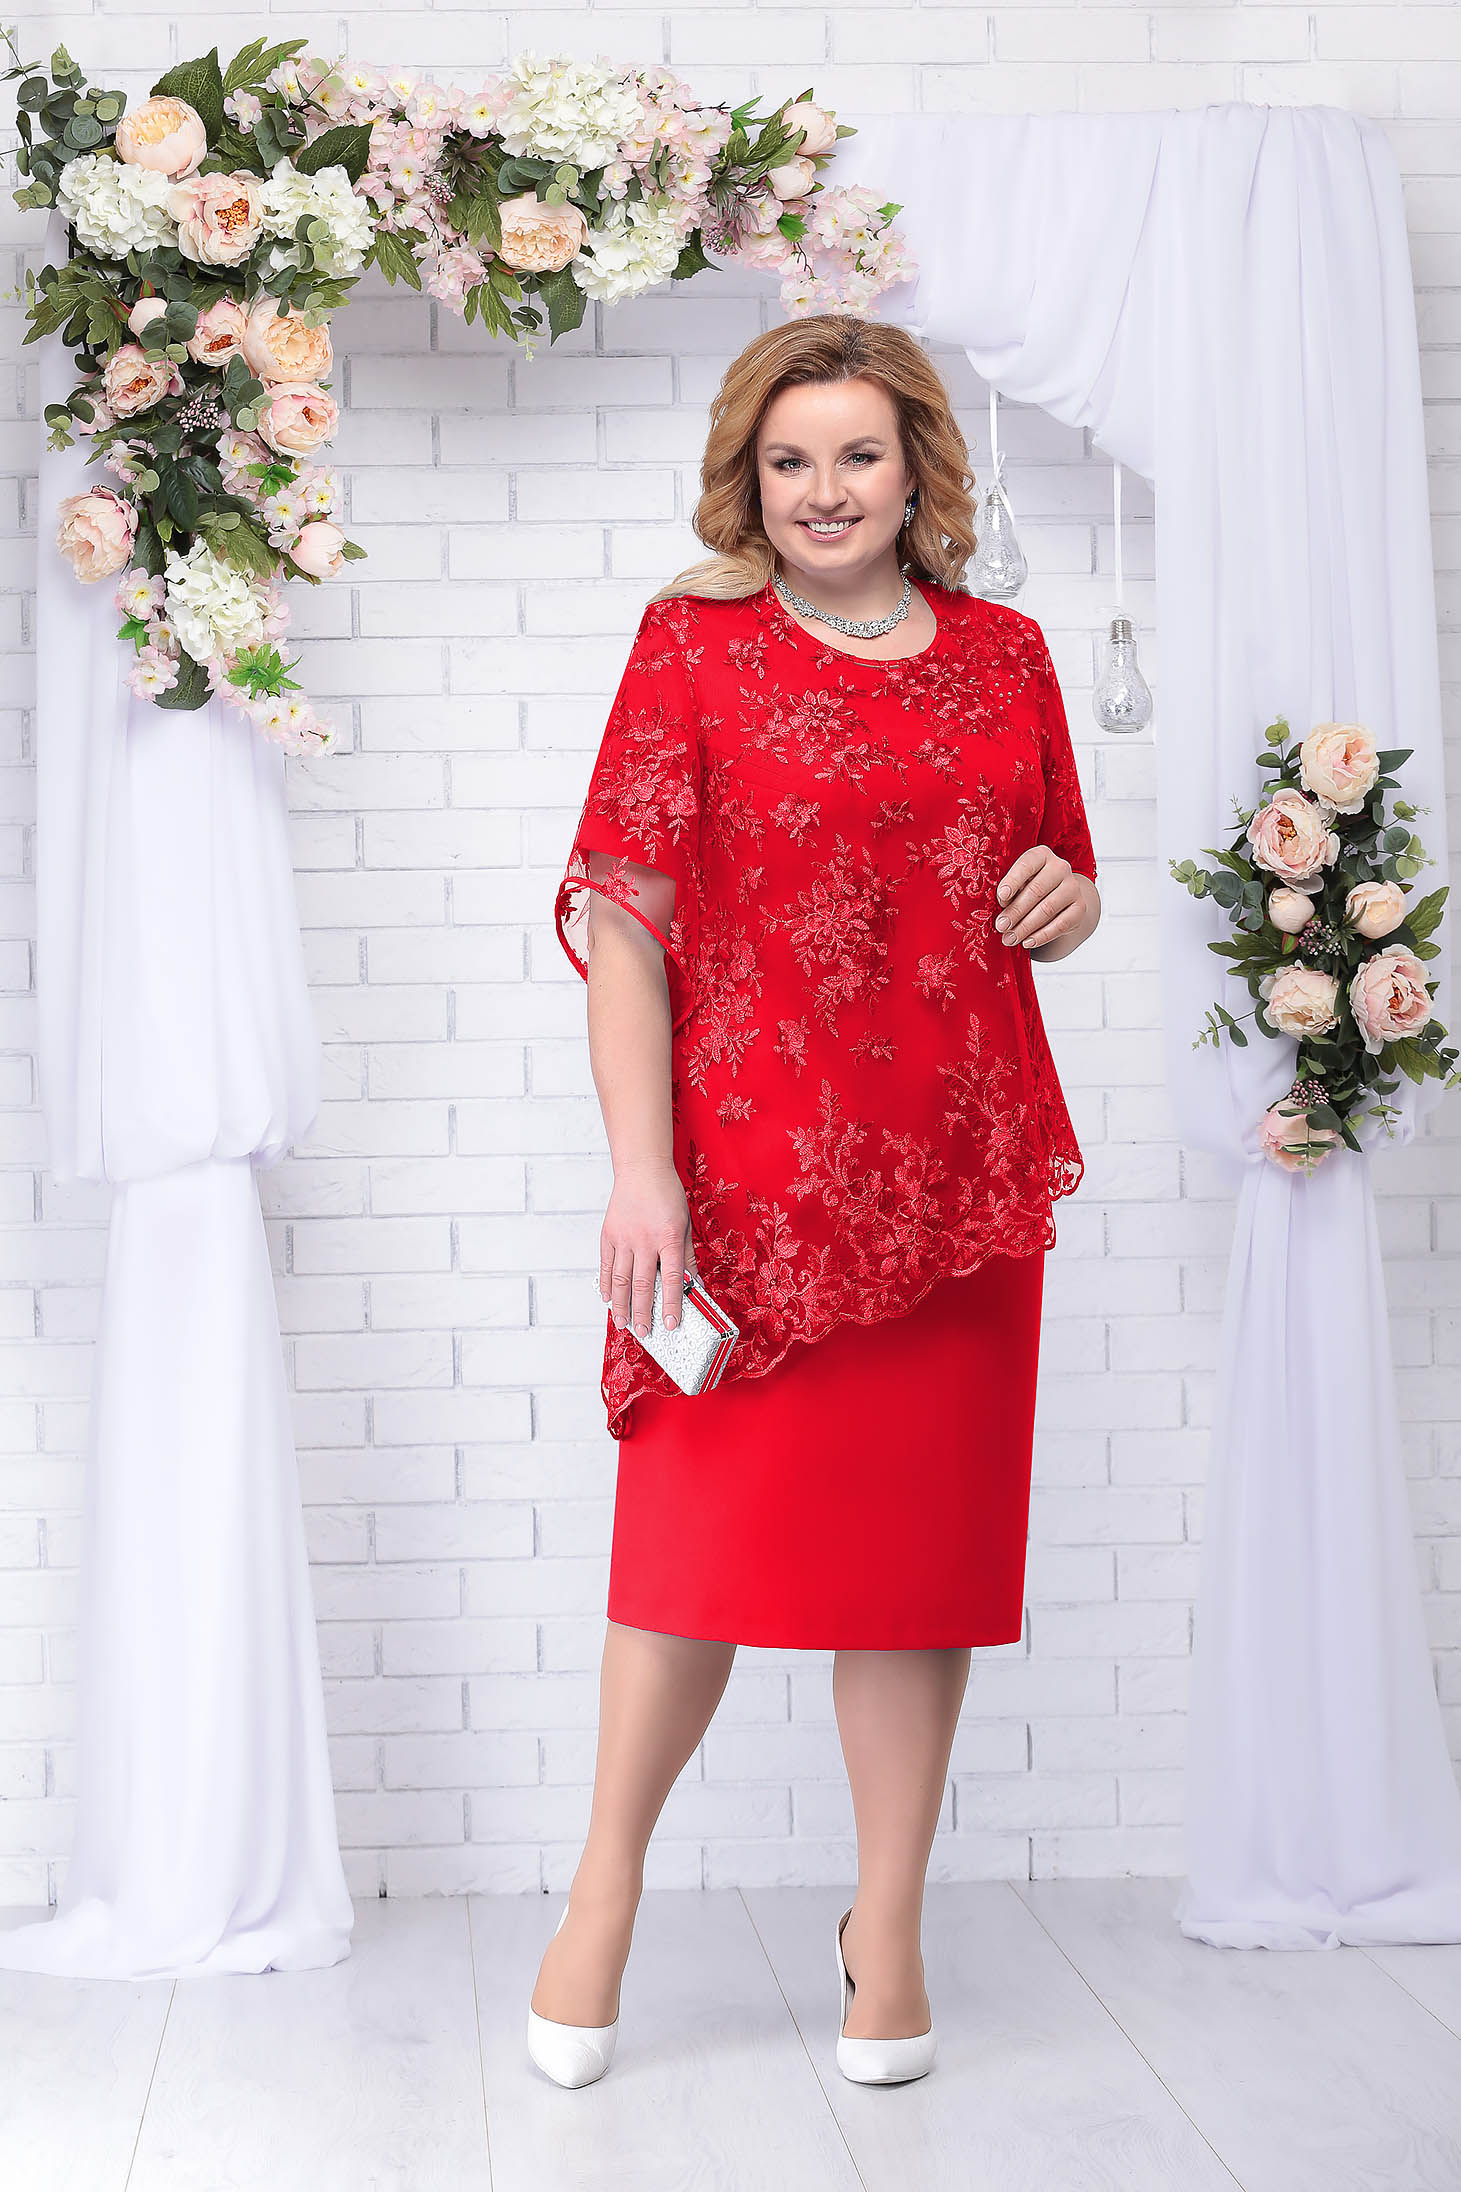 Compleu rosu elegant din 2 piese cu rochie